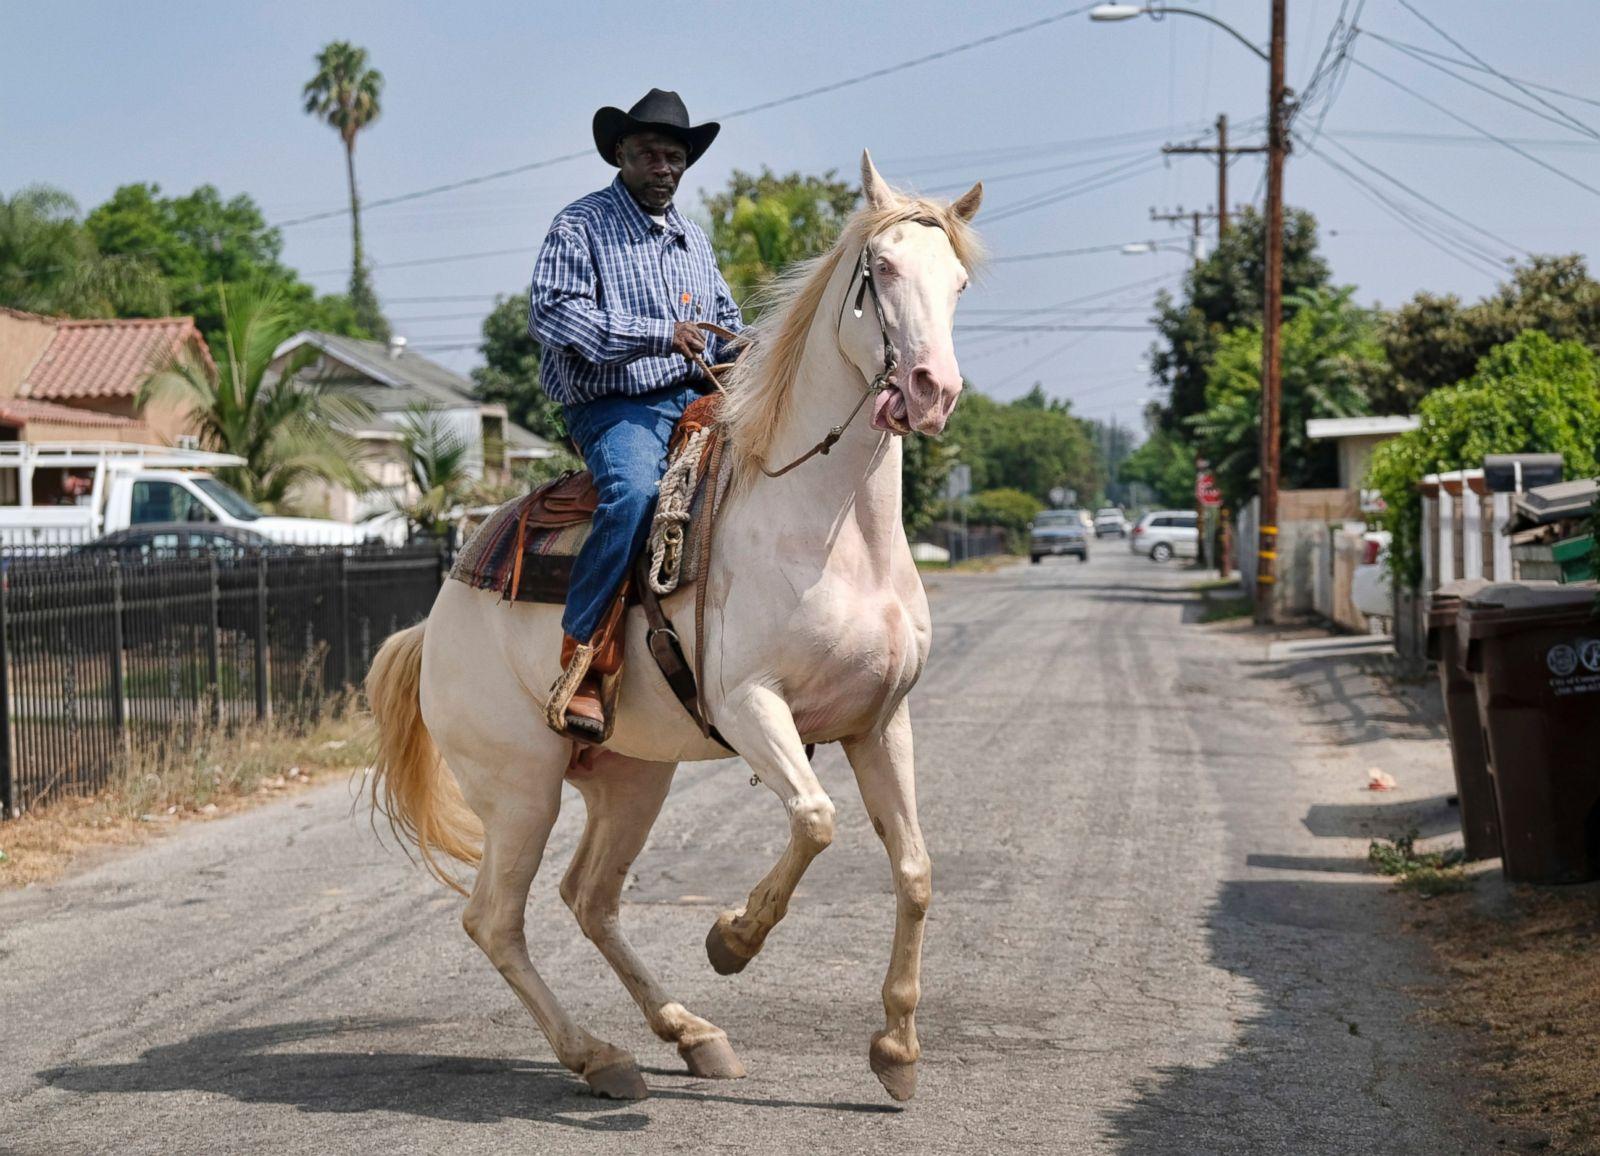 Urban Cowboys Raise Horses in Compton Photos - ABC News